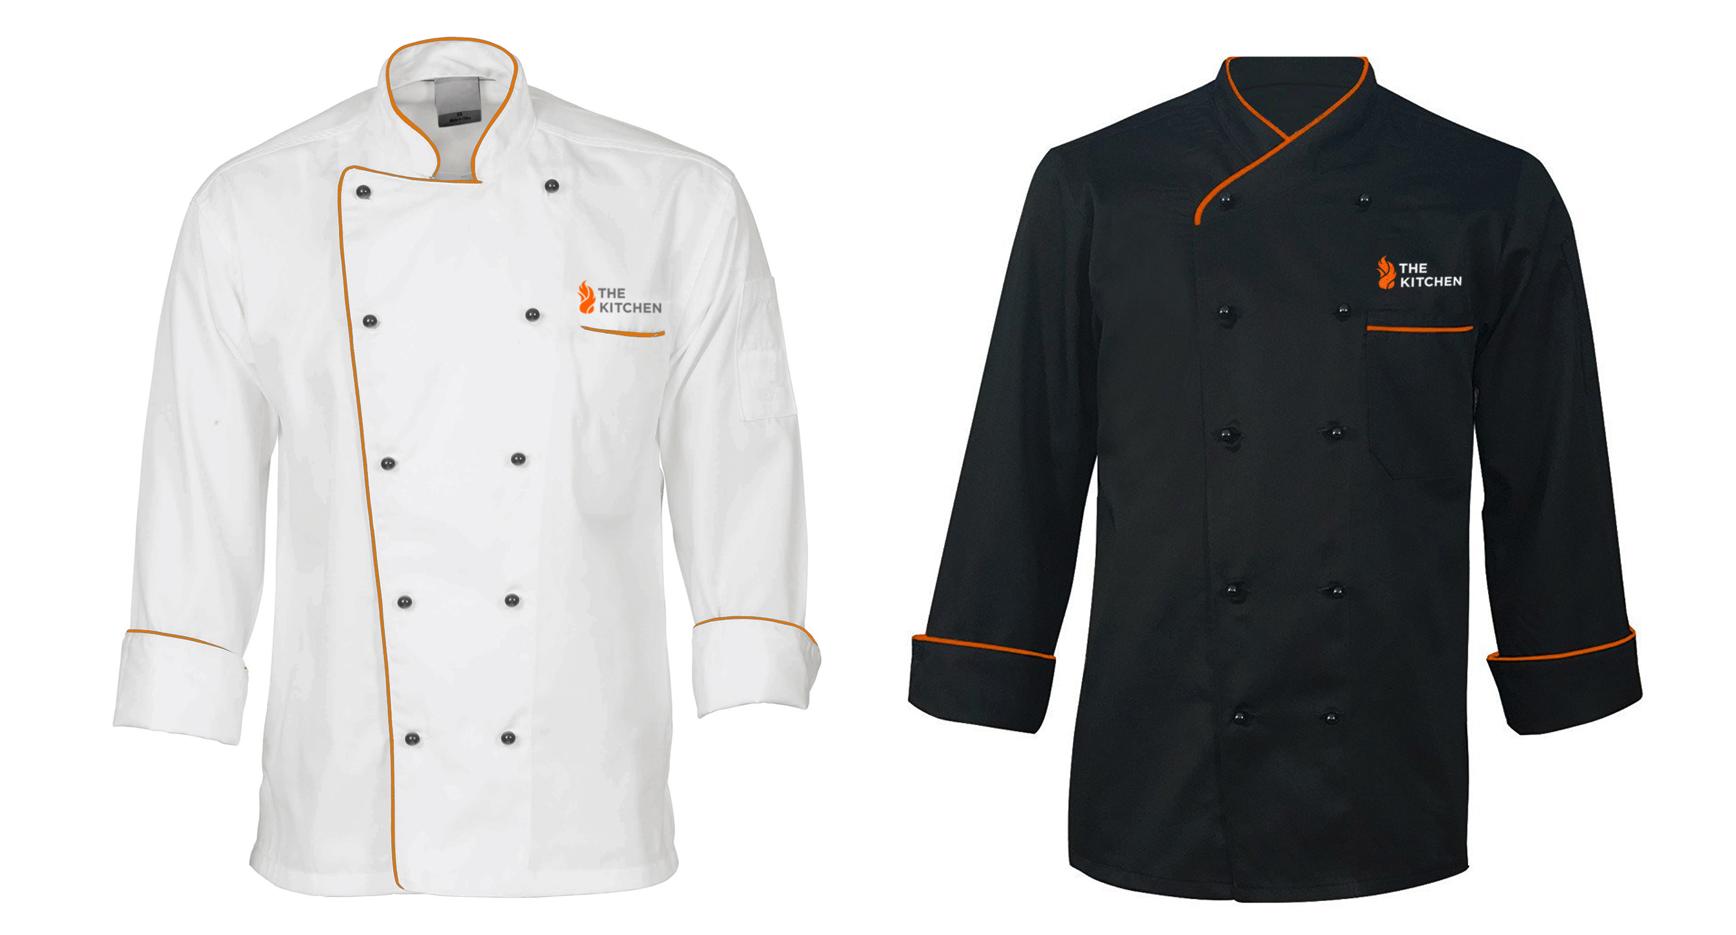 kitchen_uniforms_001.png